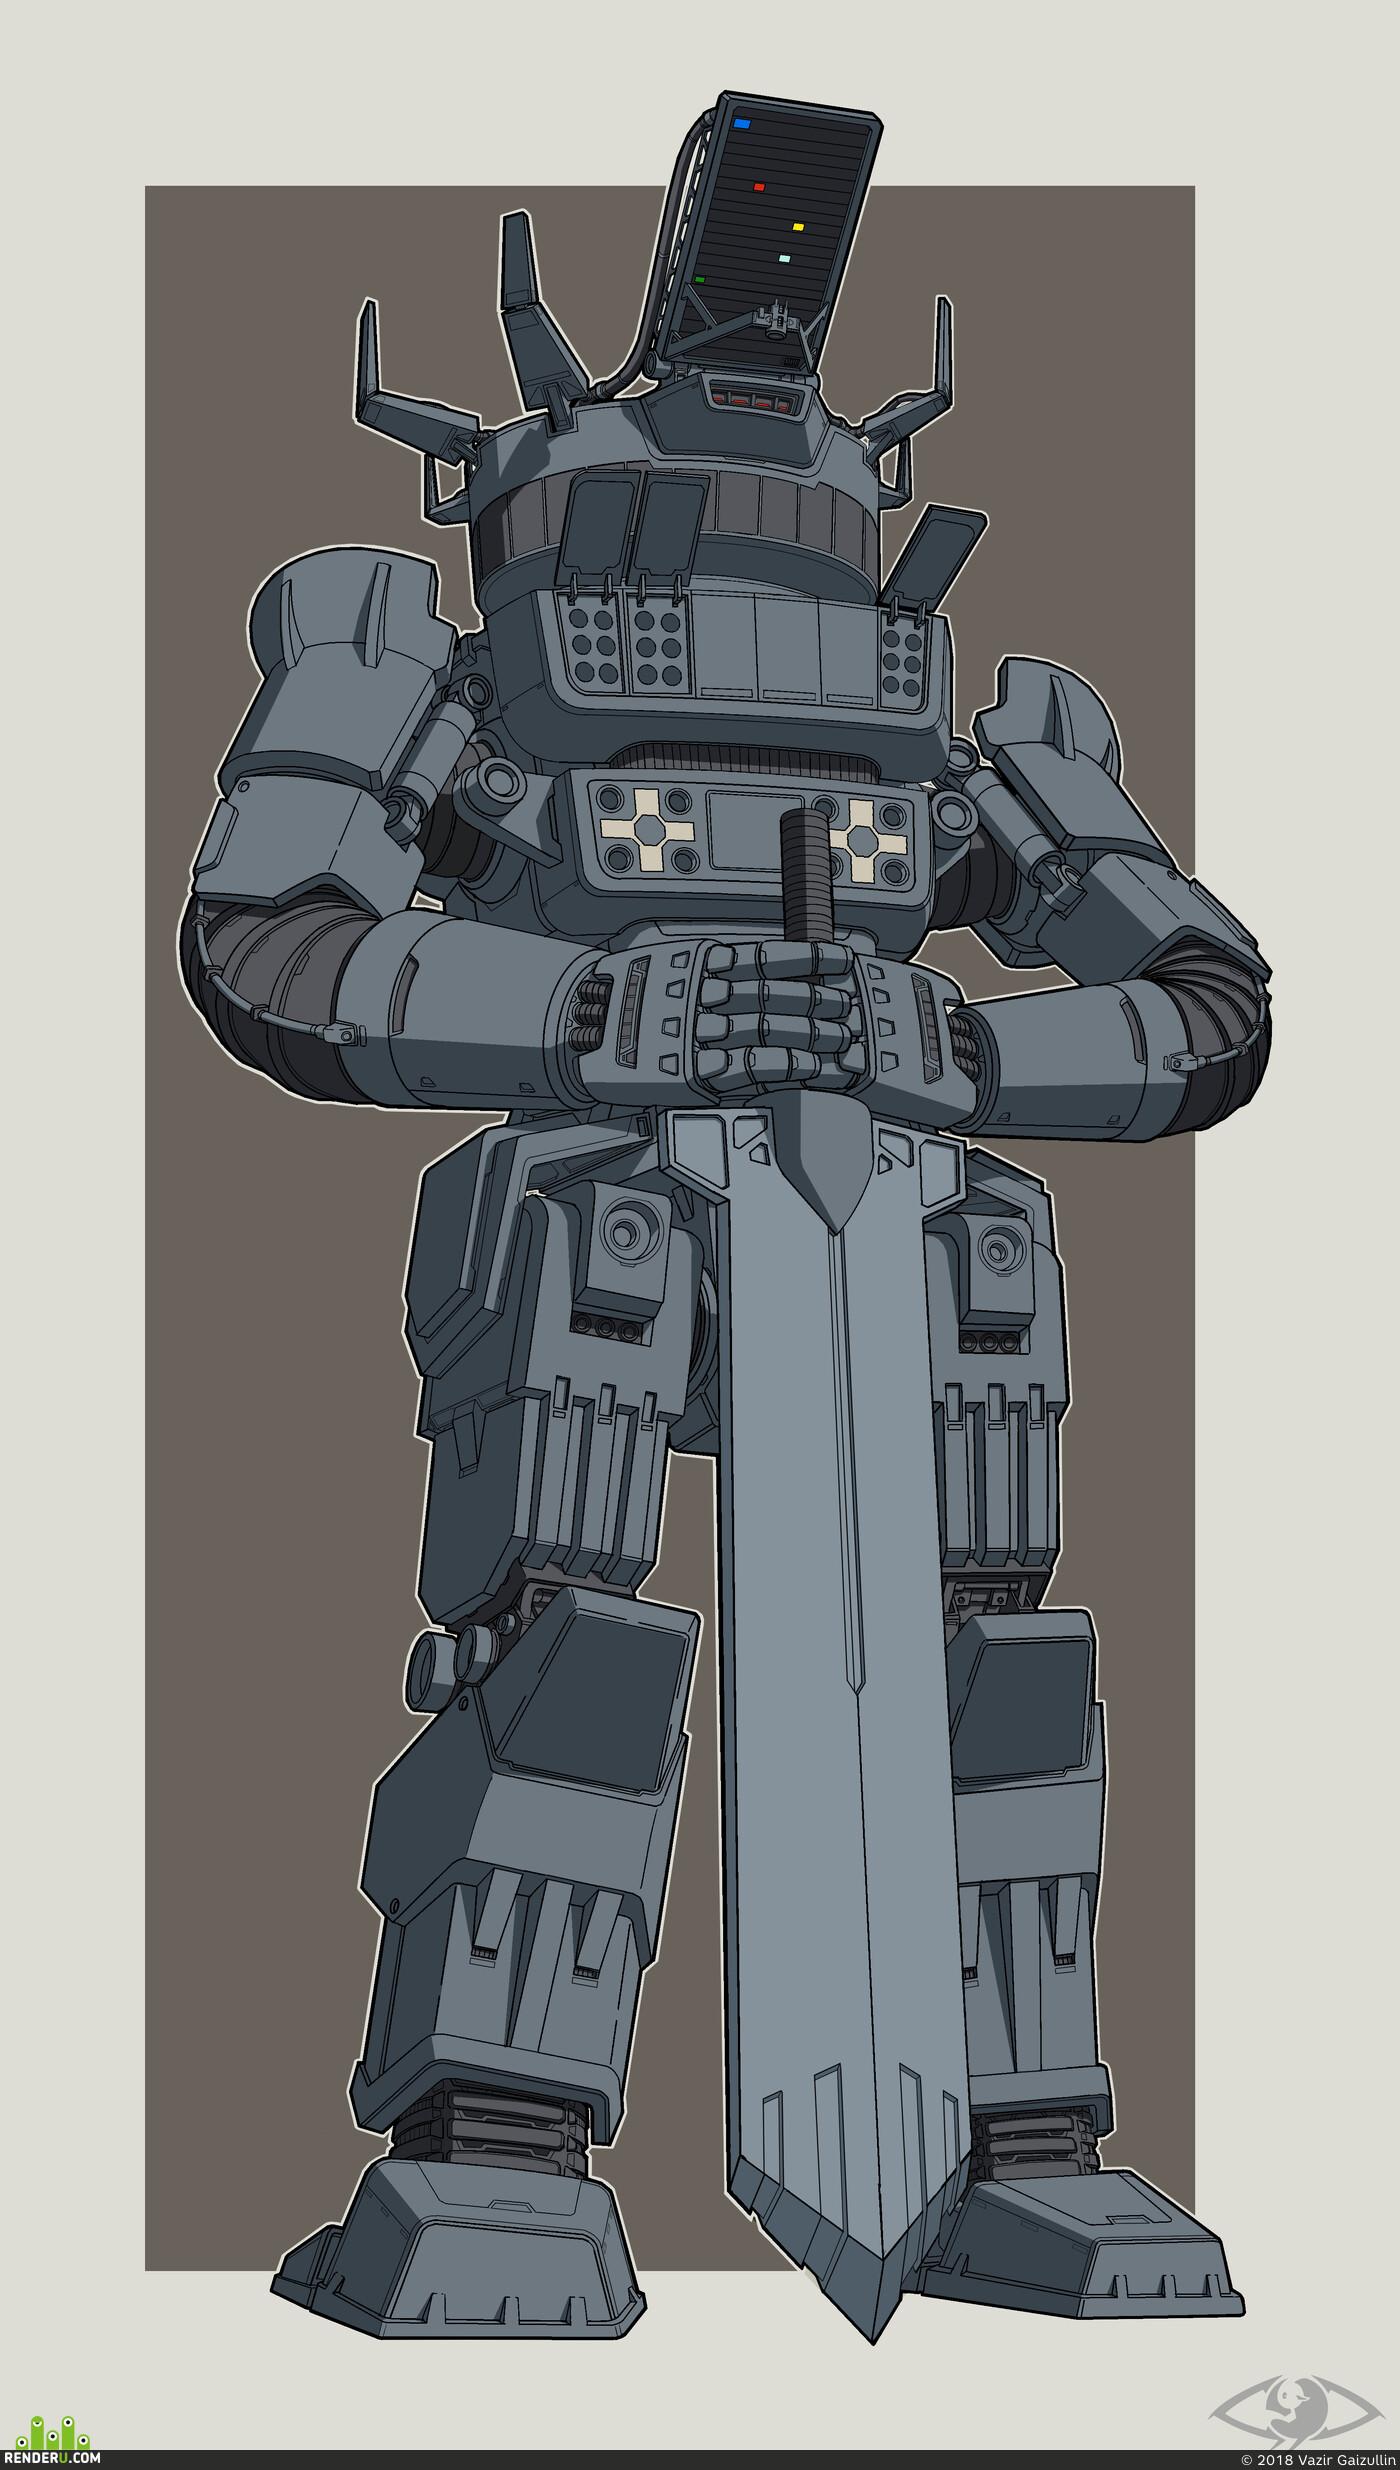 Роботы, механизмы, Концепт-арт